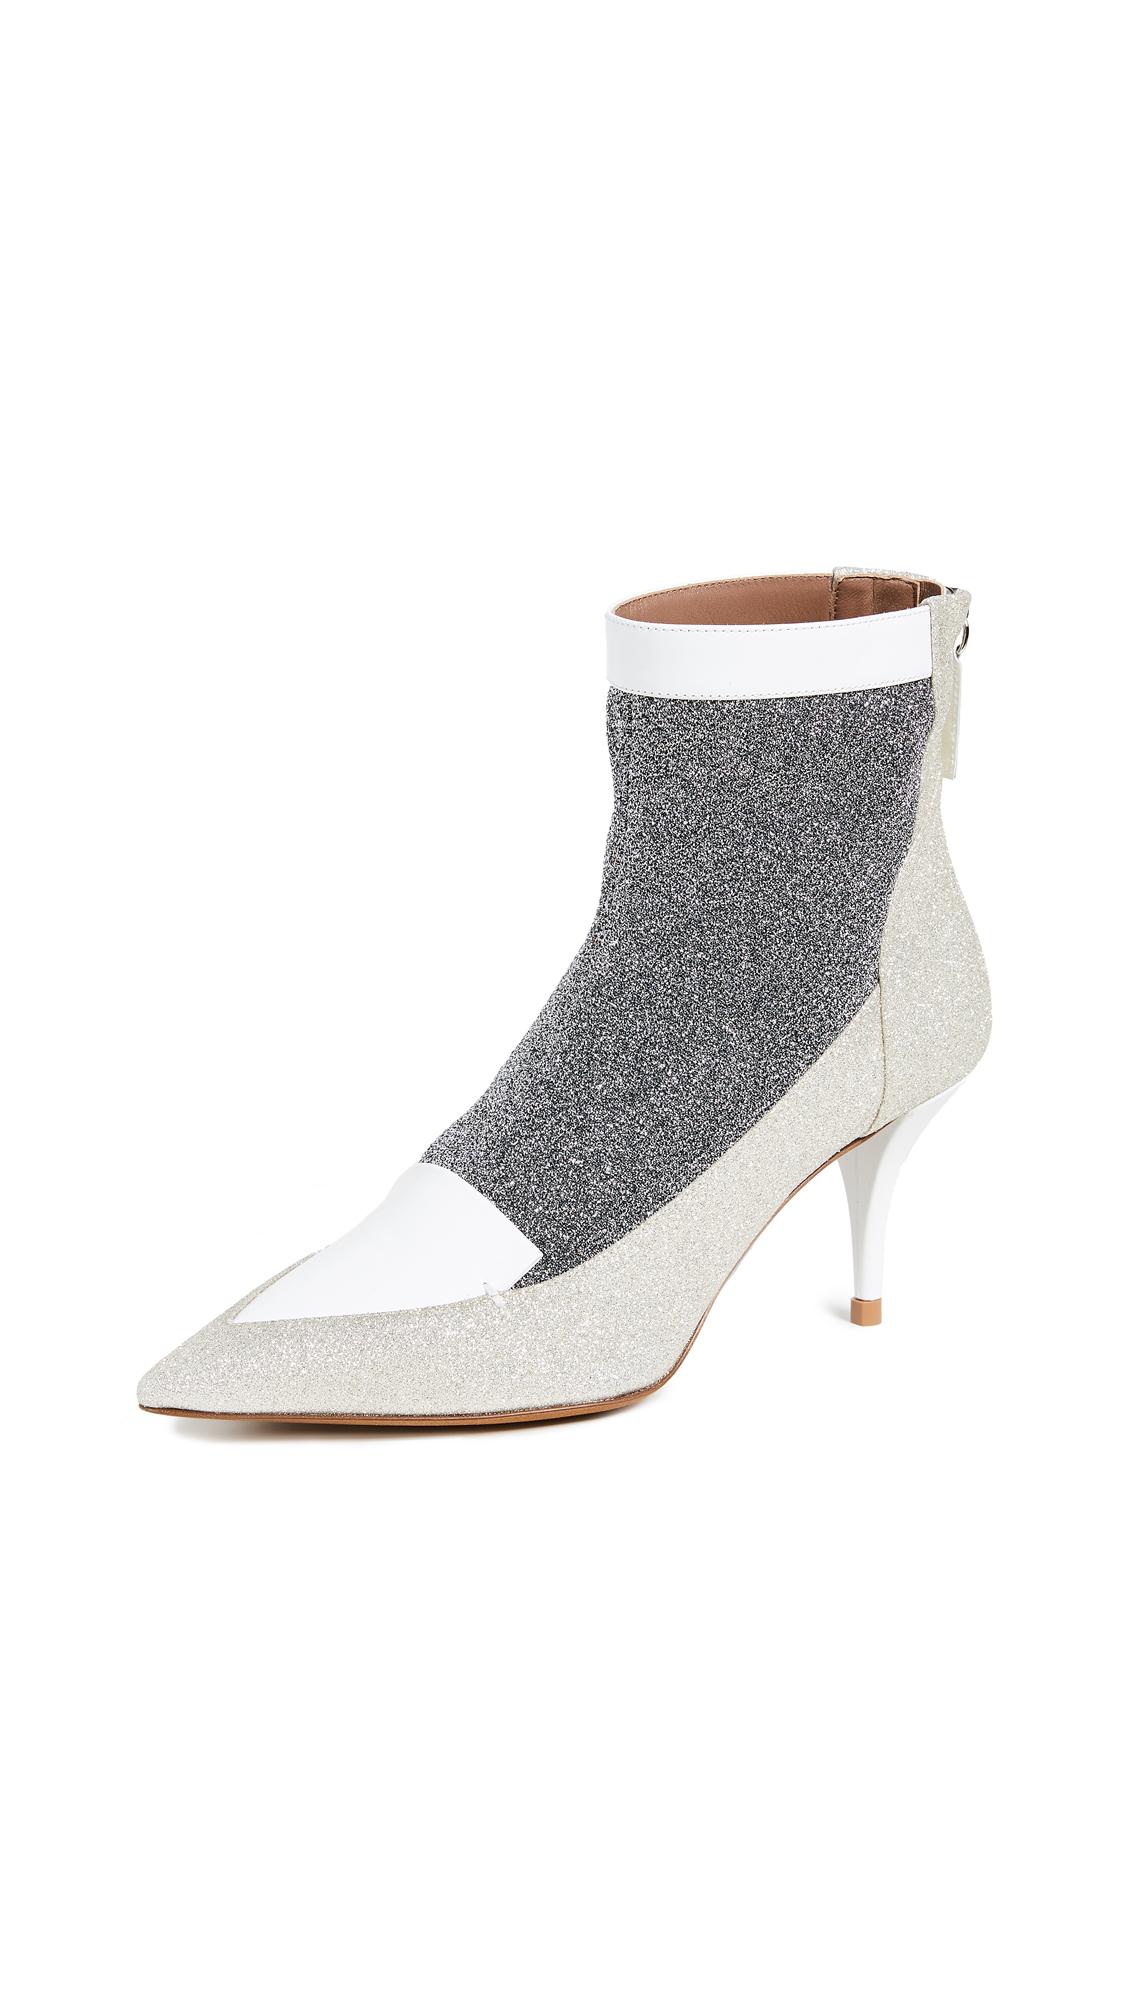 Tabitha Simmons Alana Kitten Heel Booties - Silver/White